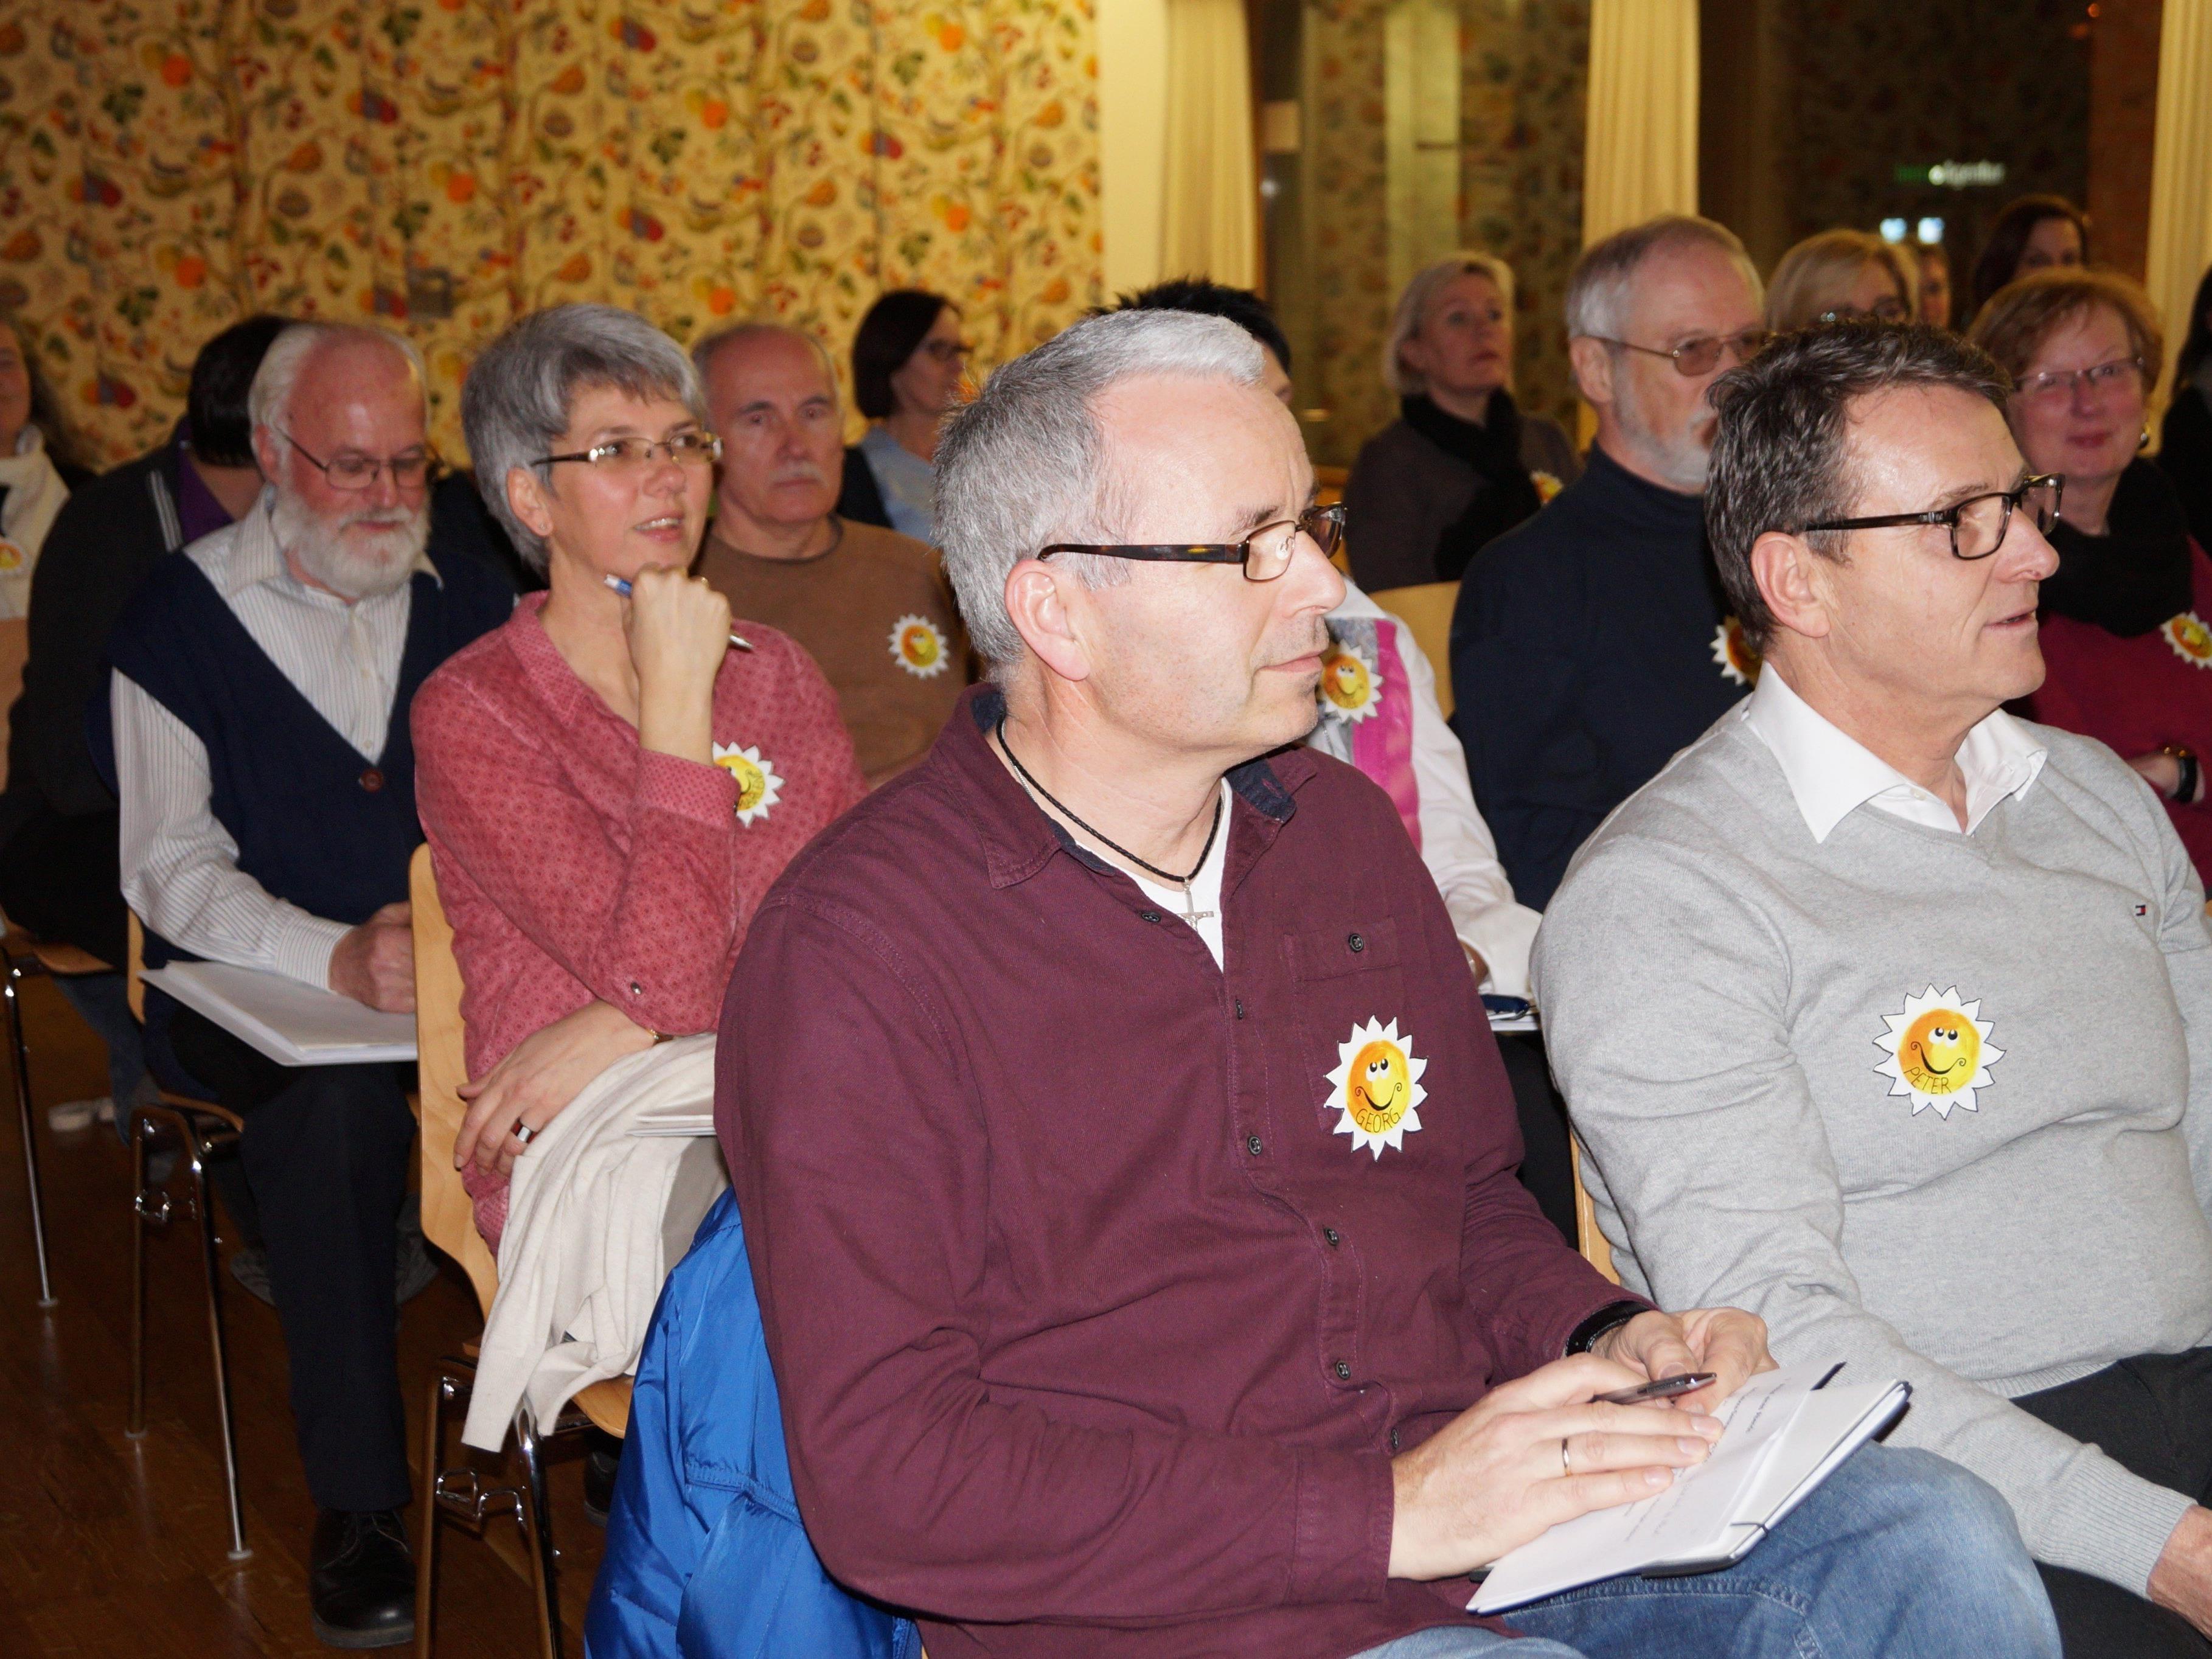 Einladung zum Glaubensforum Leiblachtal 2017 mit Referaten und Diskussionen – alle Informationen unter www.pfarre-lochau.at und www.pfarre-hoerbranz.at